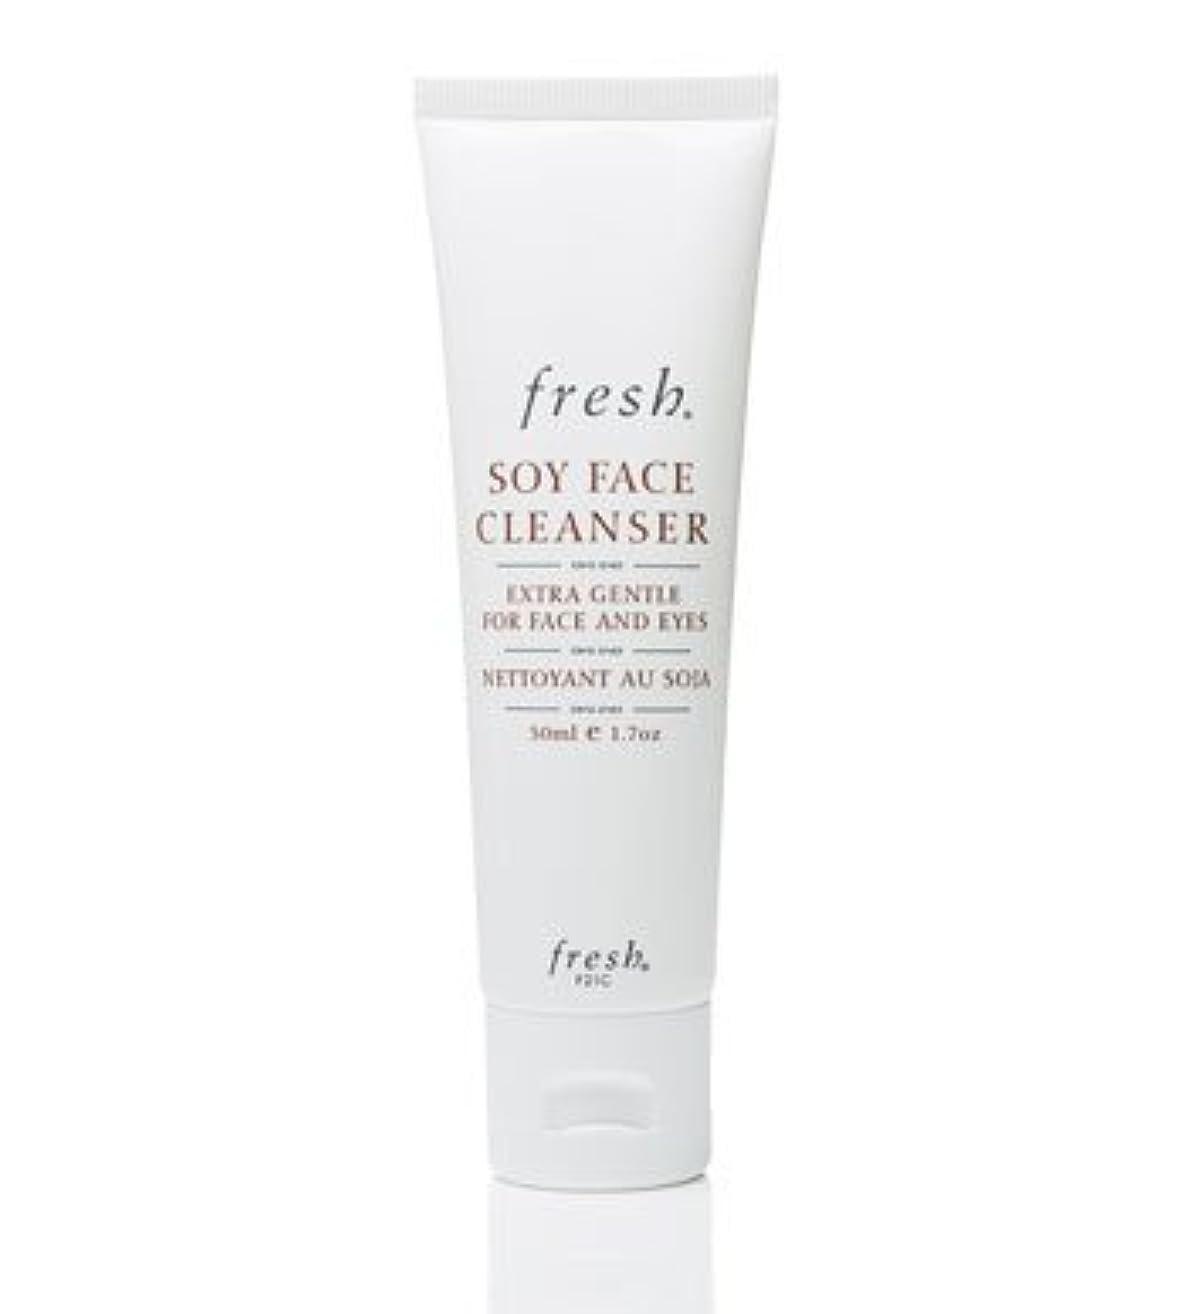 集団的またはどちらか聖人Fresh SOY FACE CLEANSER (フレッシュ ソイ フェイスクレンザー) 1.7 oz (50ml) by Fresh for Women